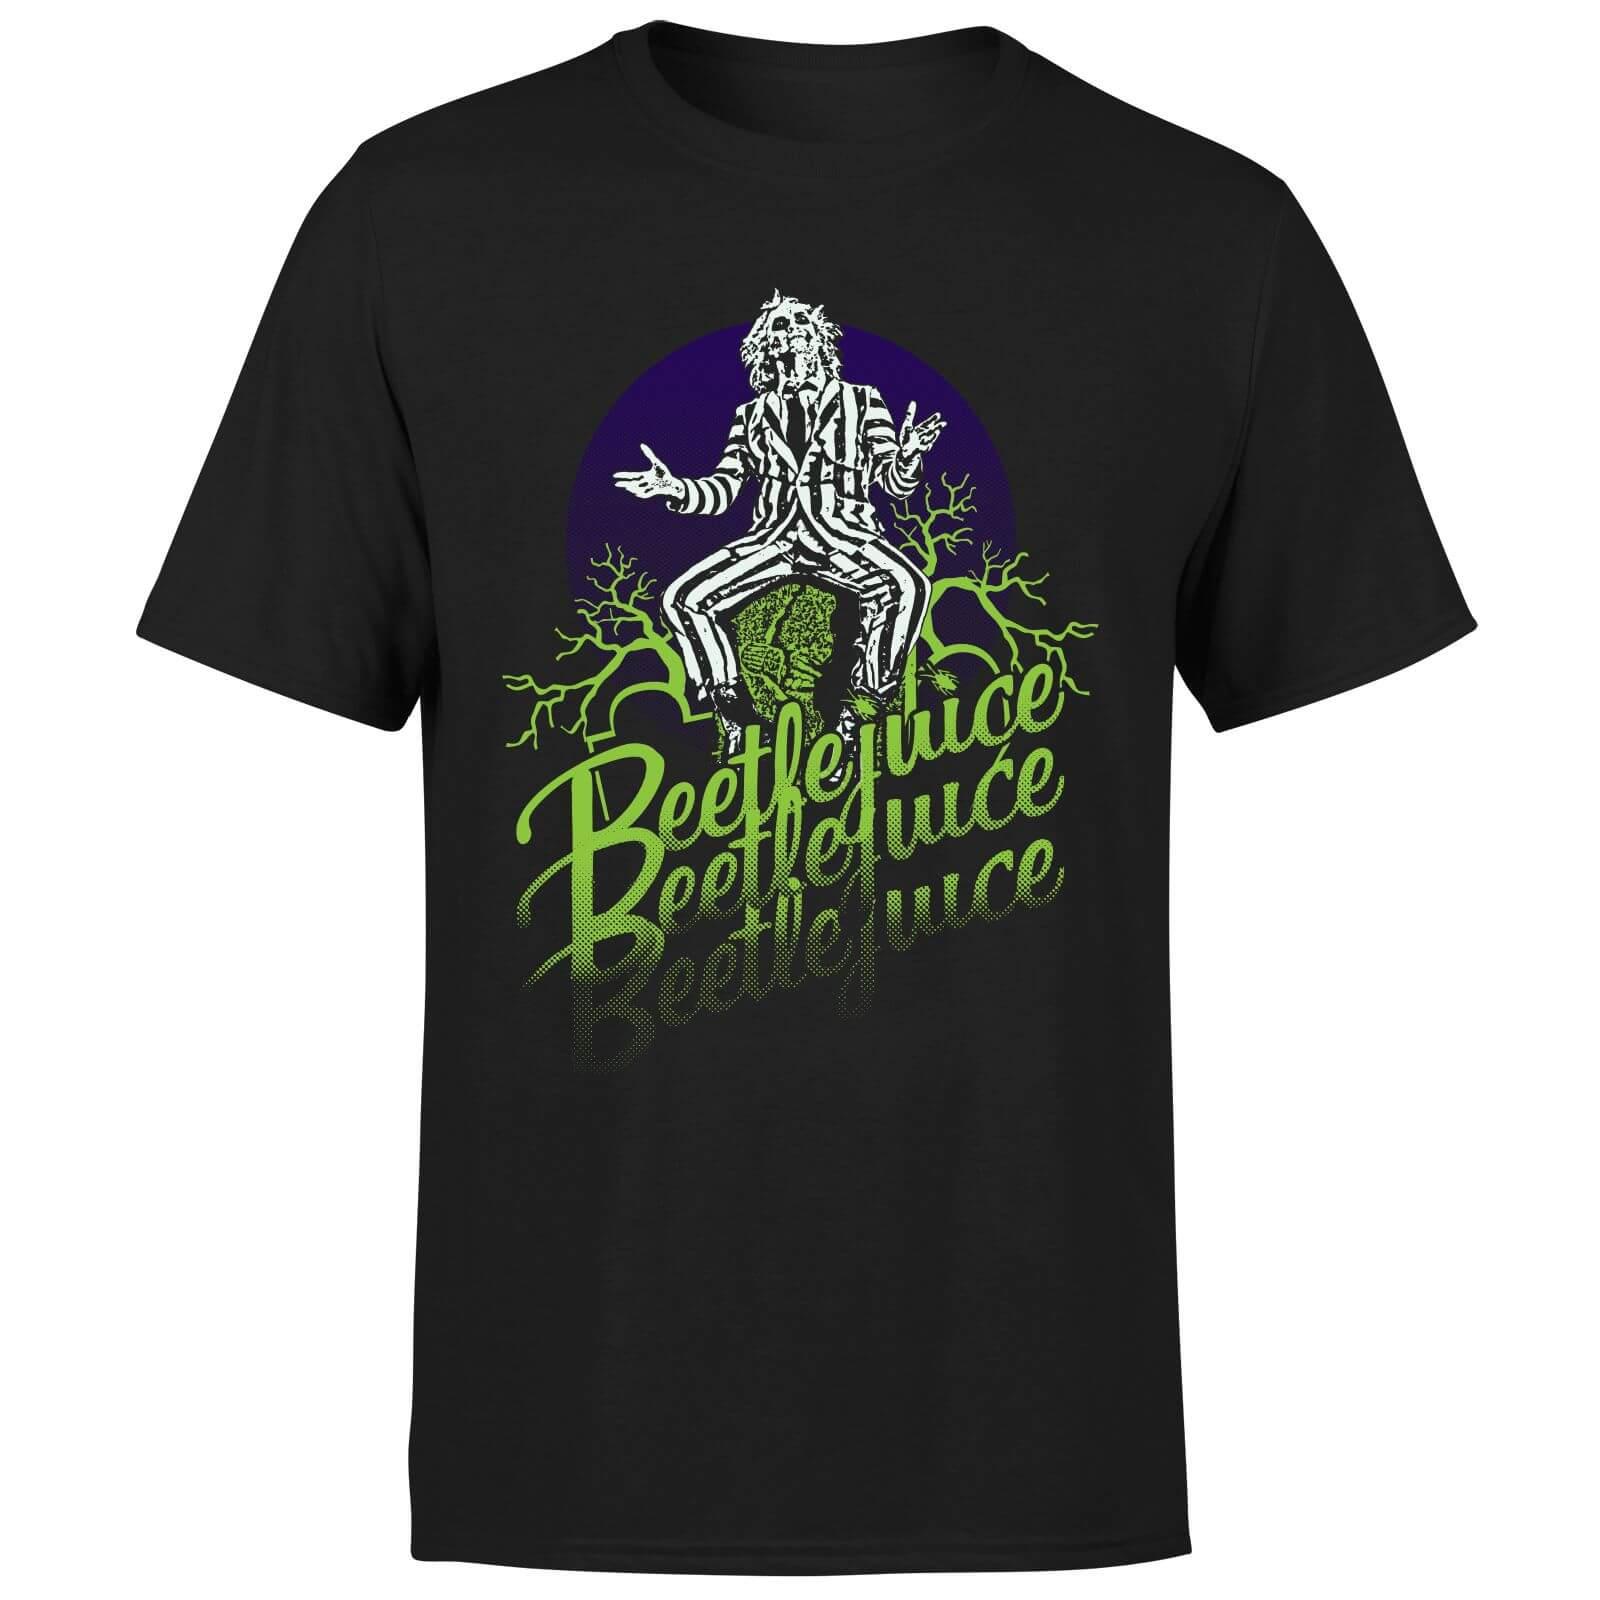 Beetlejuice T-Shirt Homme Beetlejuice Abîmé - Noir - M - Noir